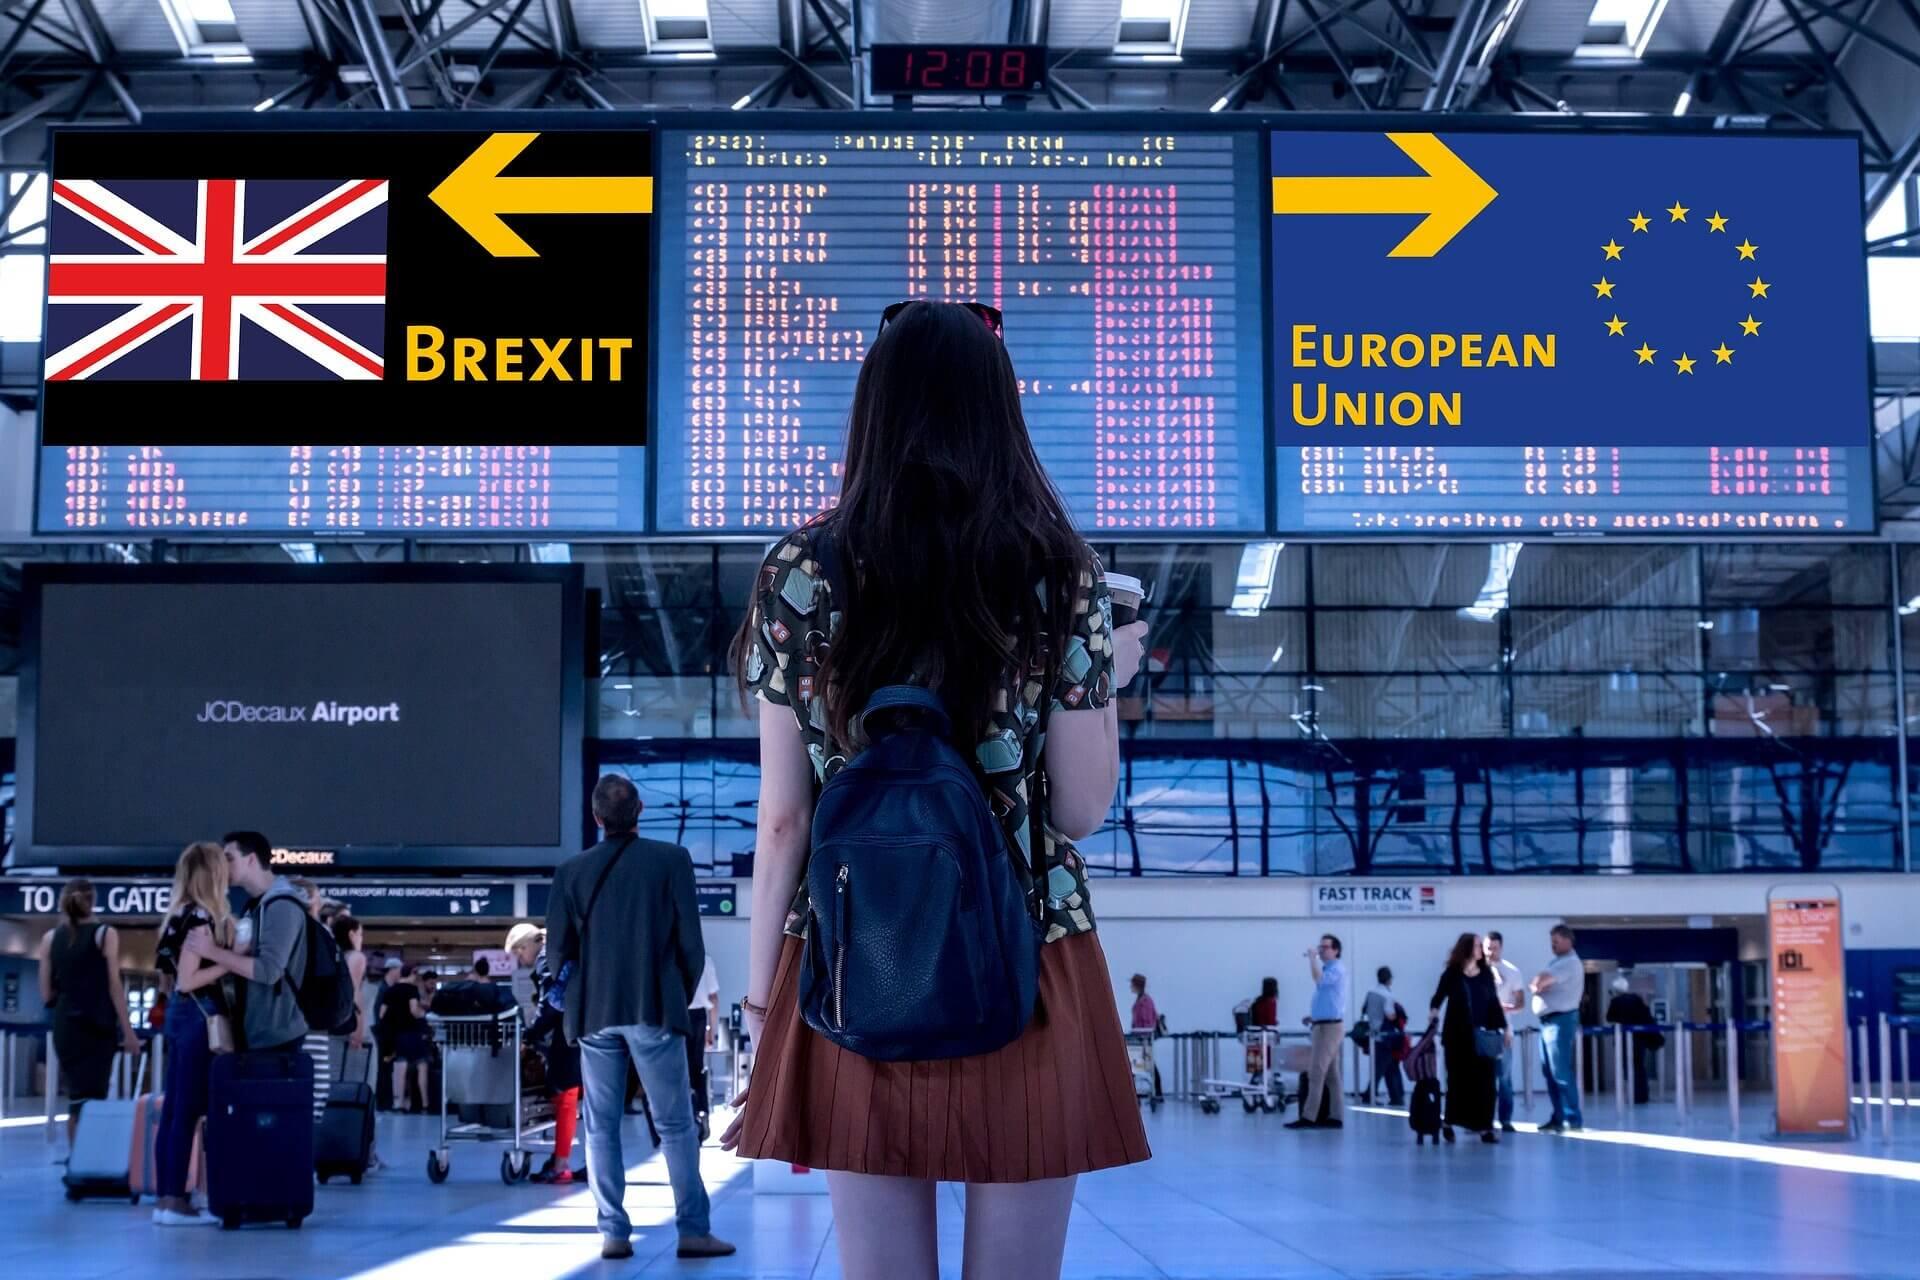 Brexit - Reino Unido se prepara para salir de la Unión Europea